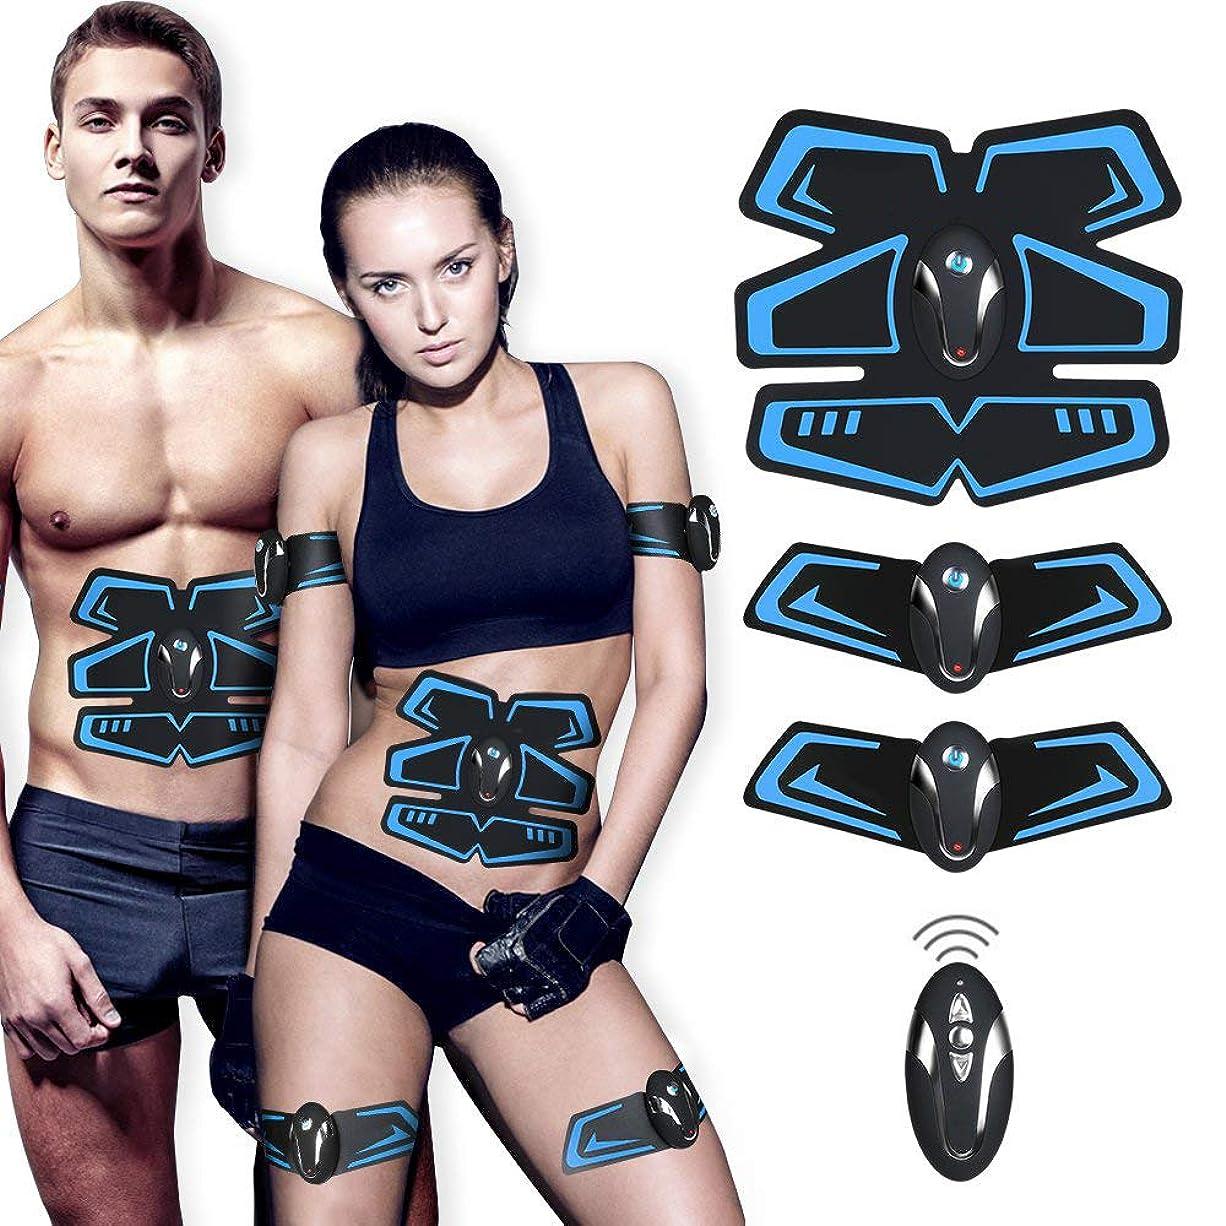 目を覚ます気絶させる現金電気腹部筋肉刺激装置、ボディウエストトレーナー、フィットネス痩身ベルト男性と女性の減量マッサージ